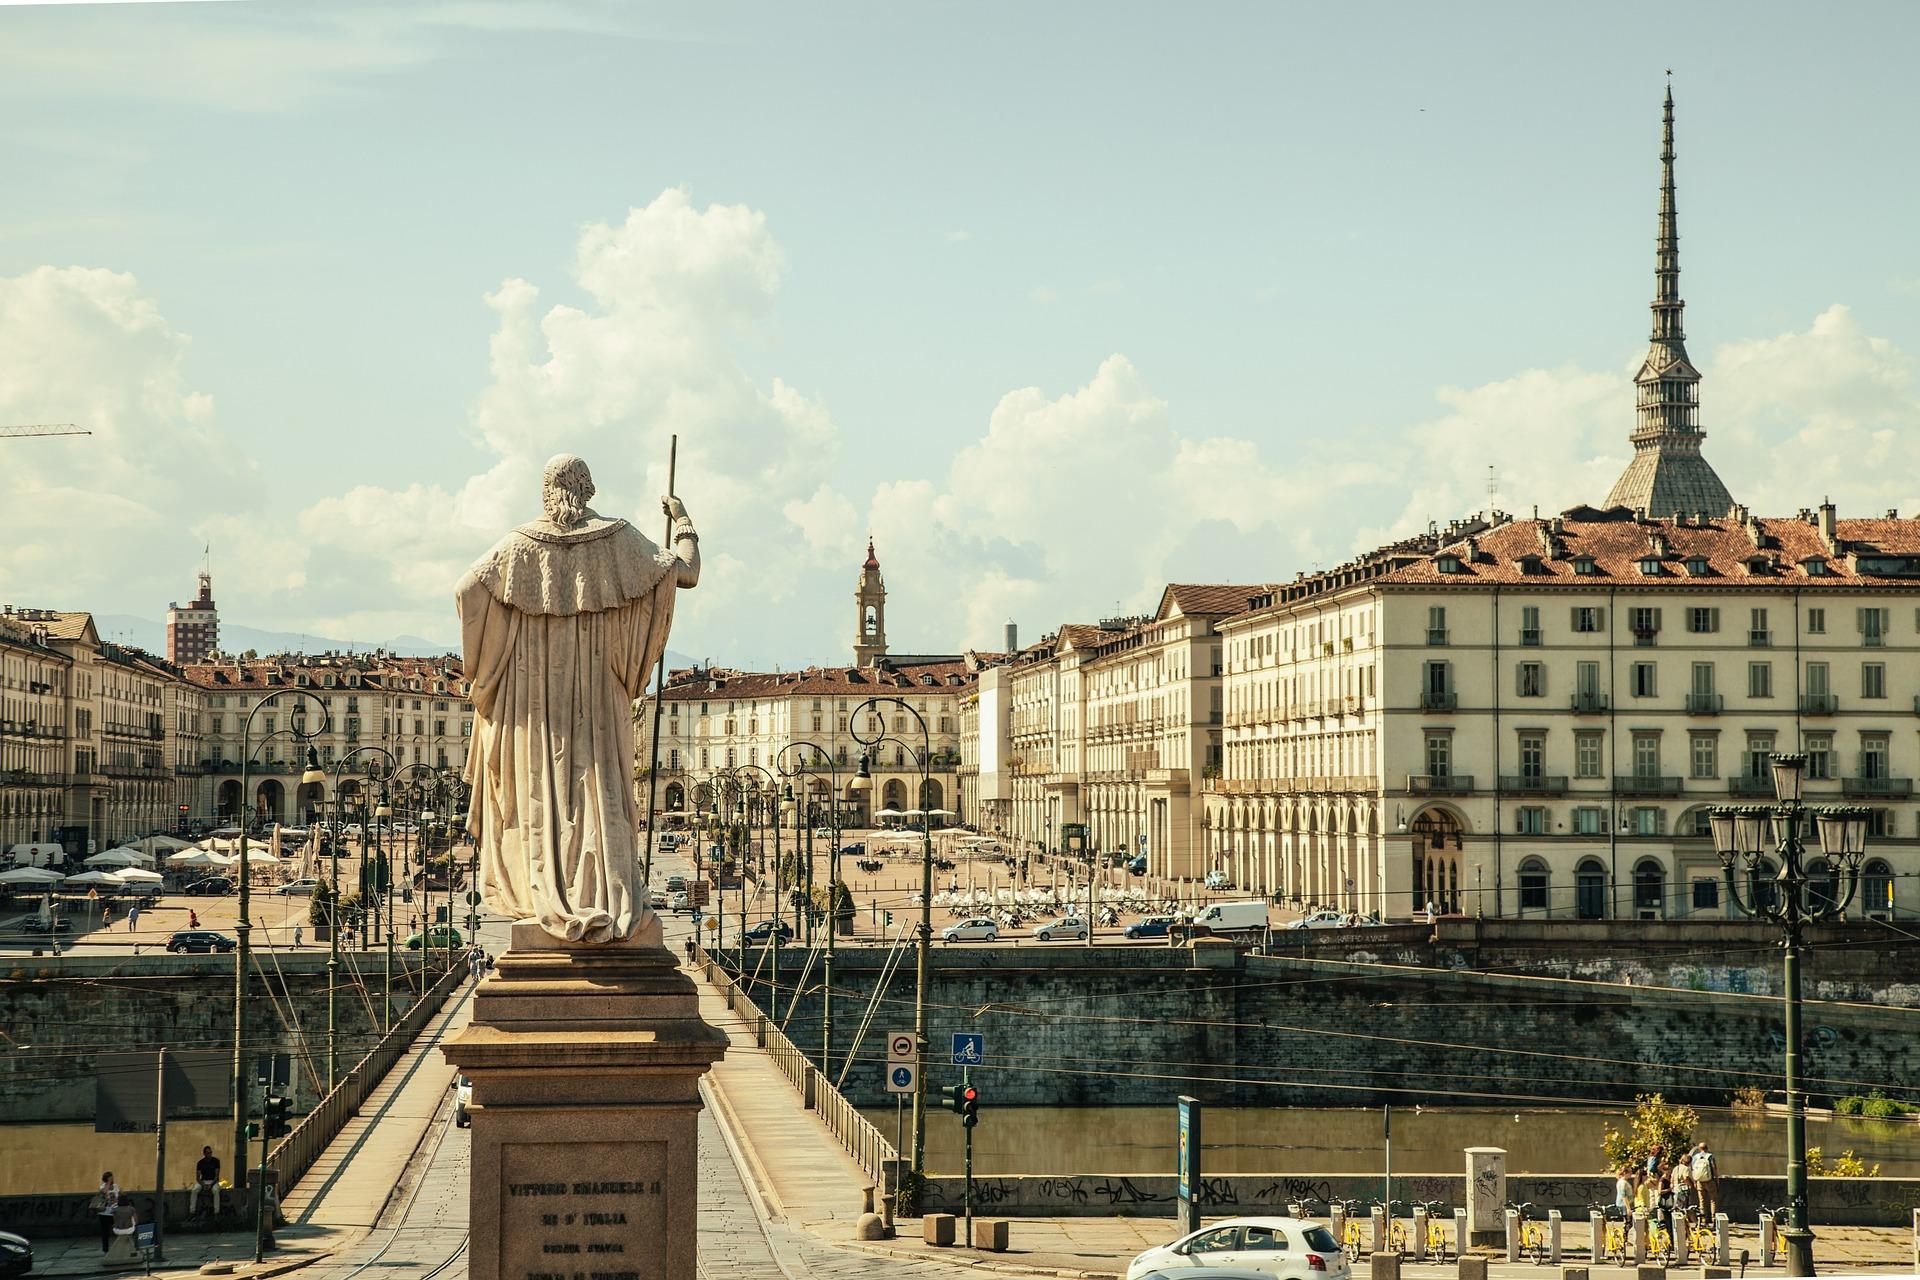 piazza-vittorio-438449_1920